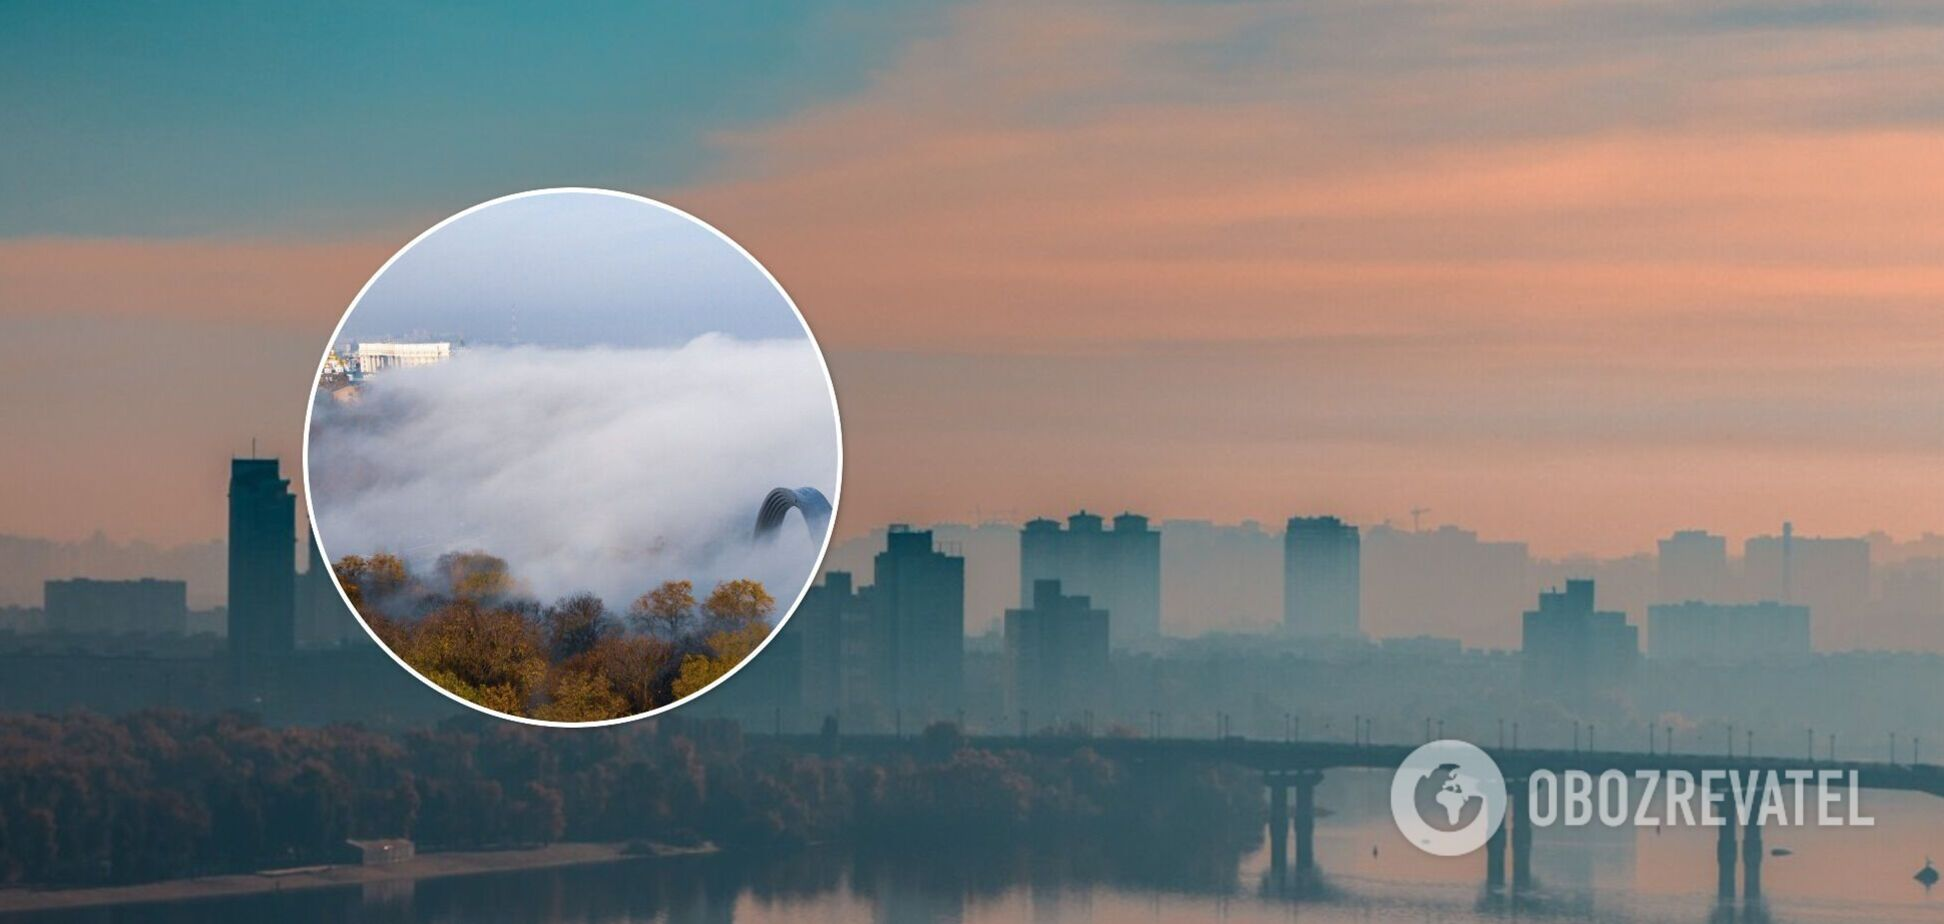 Повітря в Україні найбільше забруднюють старі автомобілі, – експертка